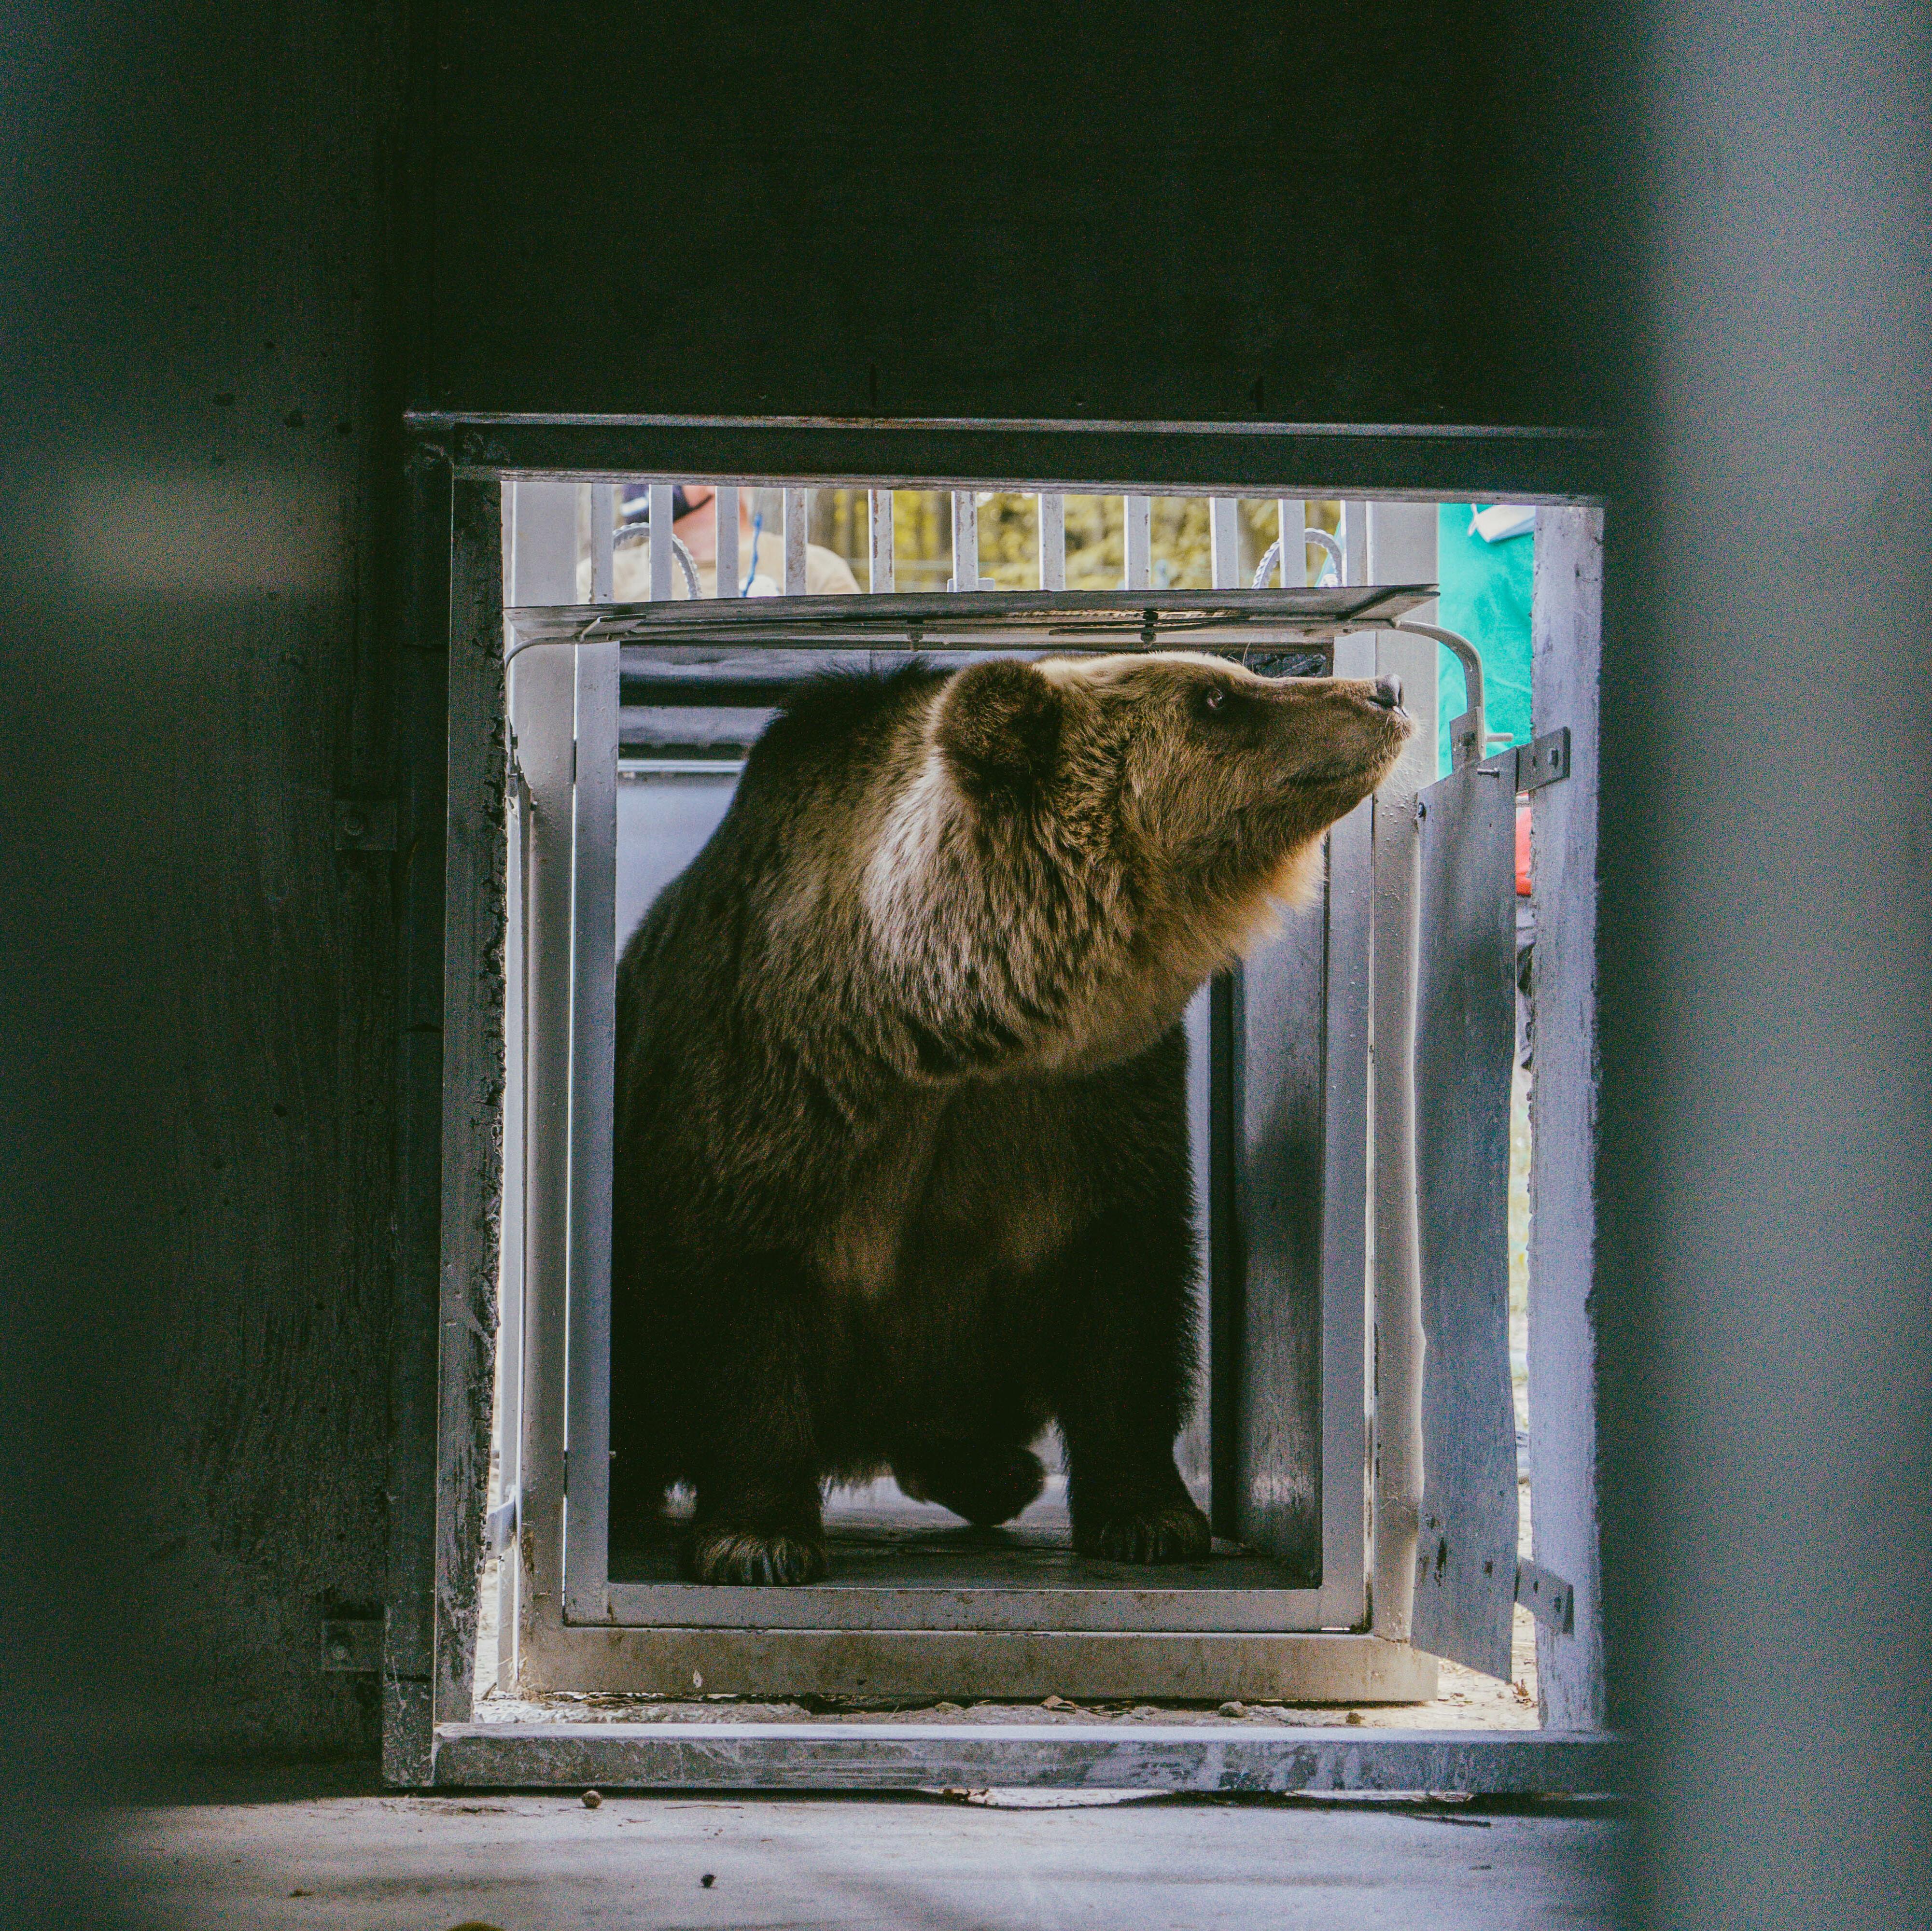 Jetzt können die Bären ein Leben in einer naturnahen Umgebung genießen